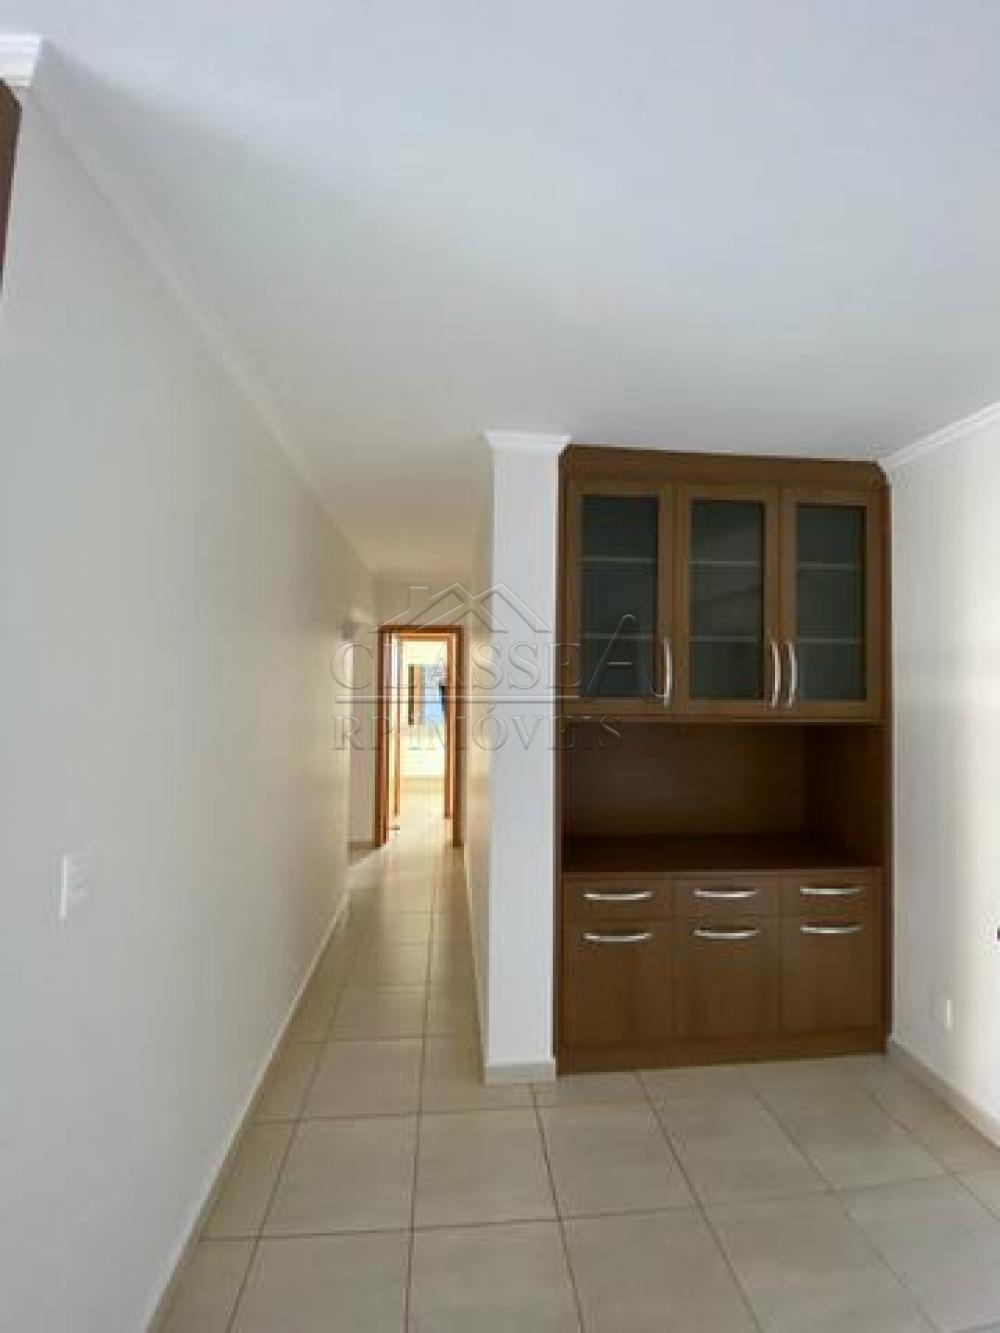 Alugar Apartamento / Padrão em Ribeirão Preto apenas R$ 1.350,00 - Foto 6